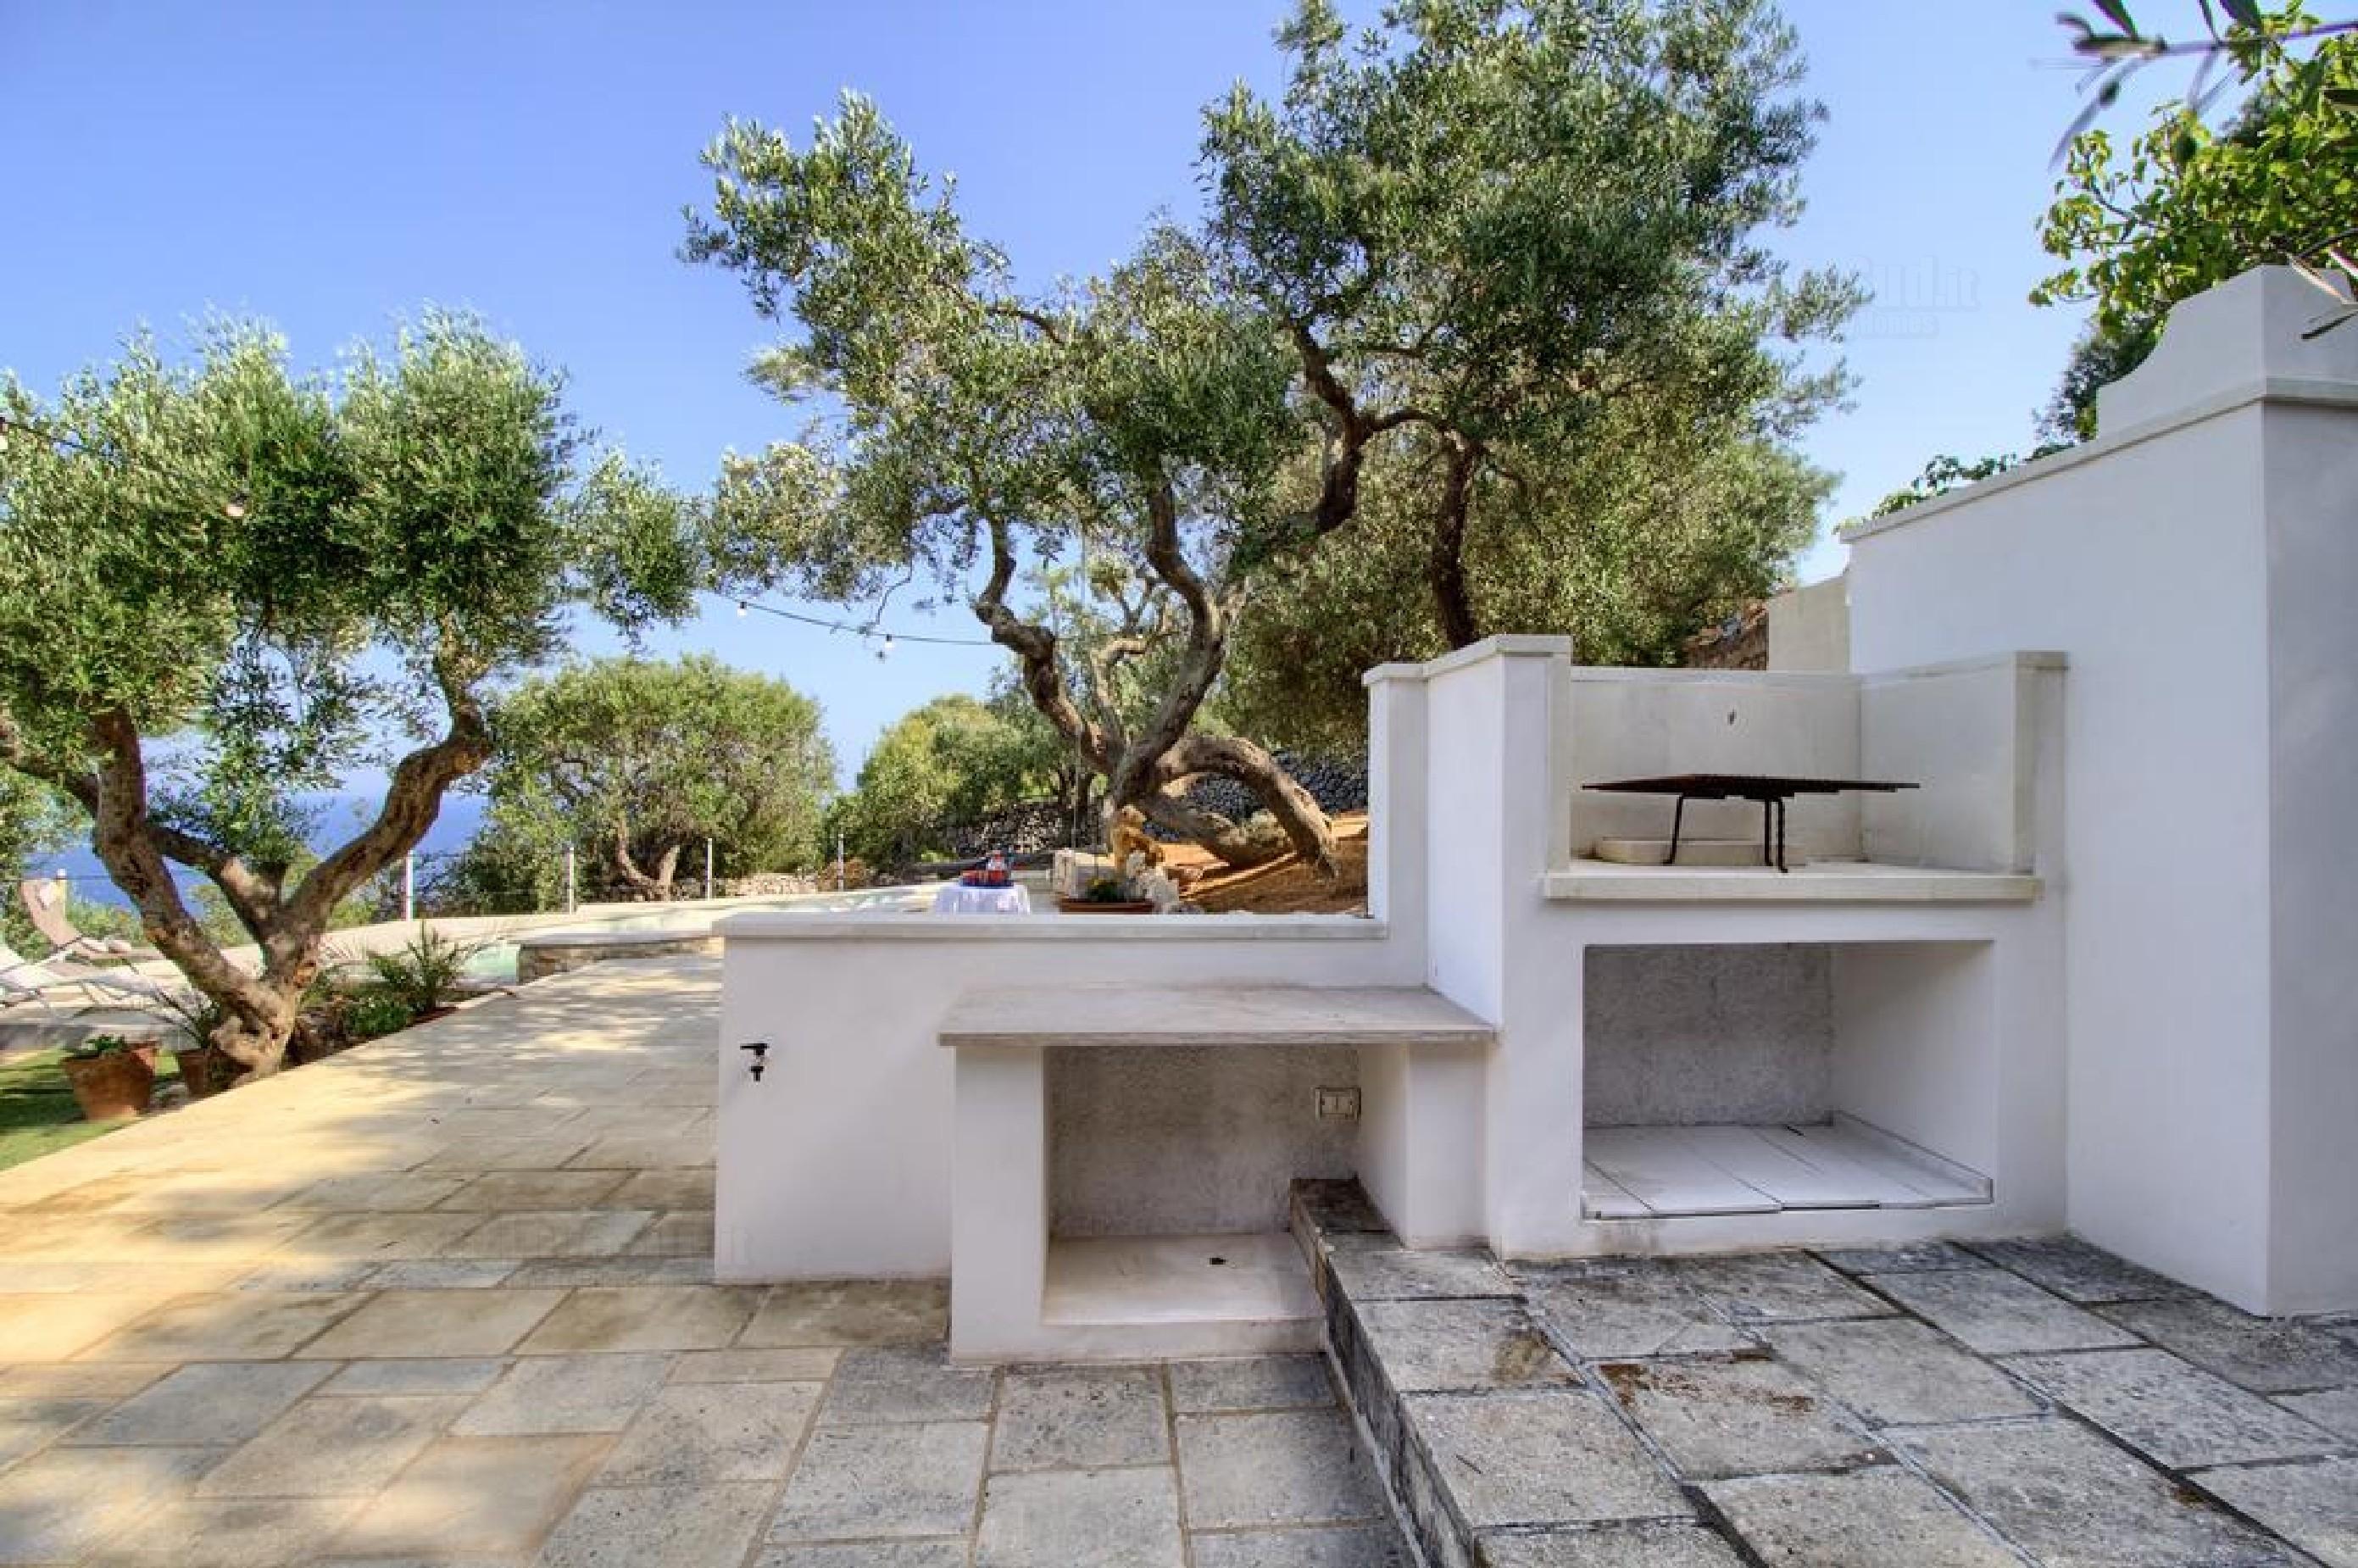 Apartment Albachiara pool house photo 22173077